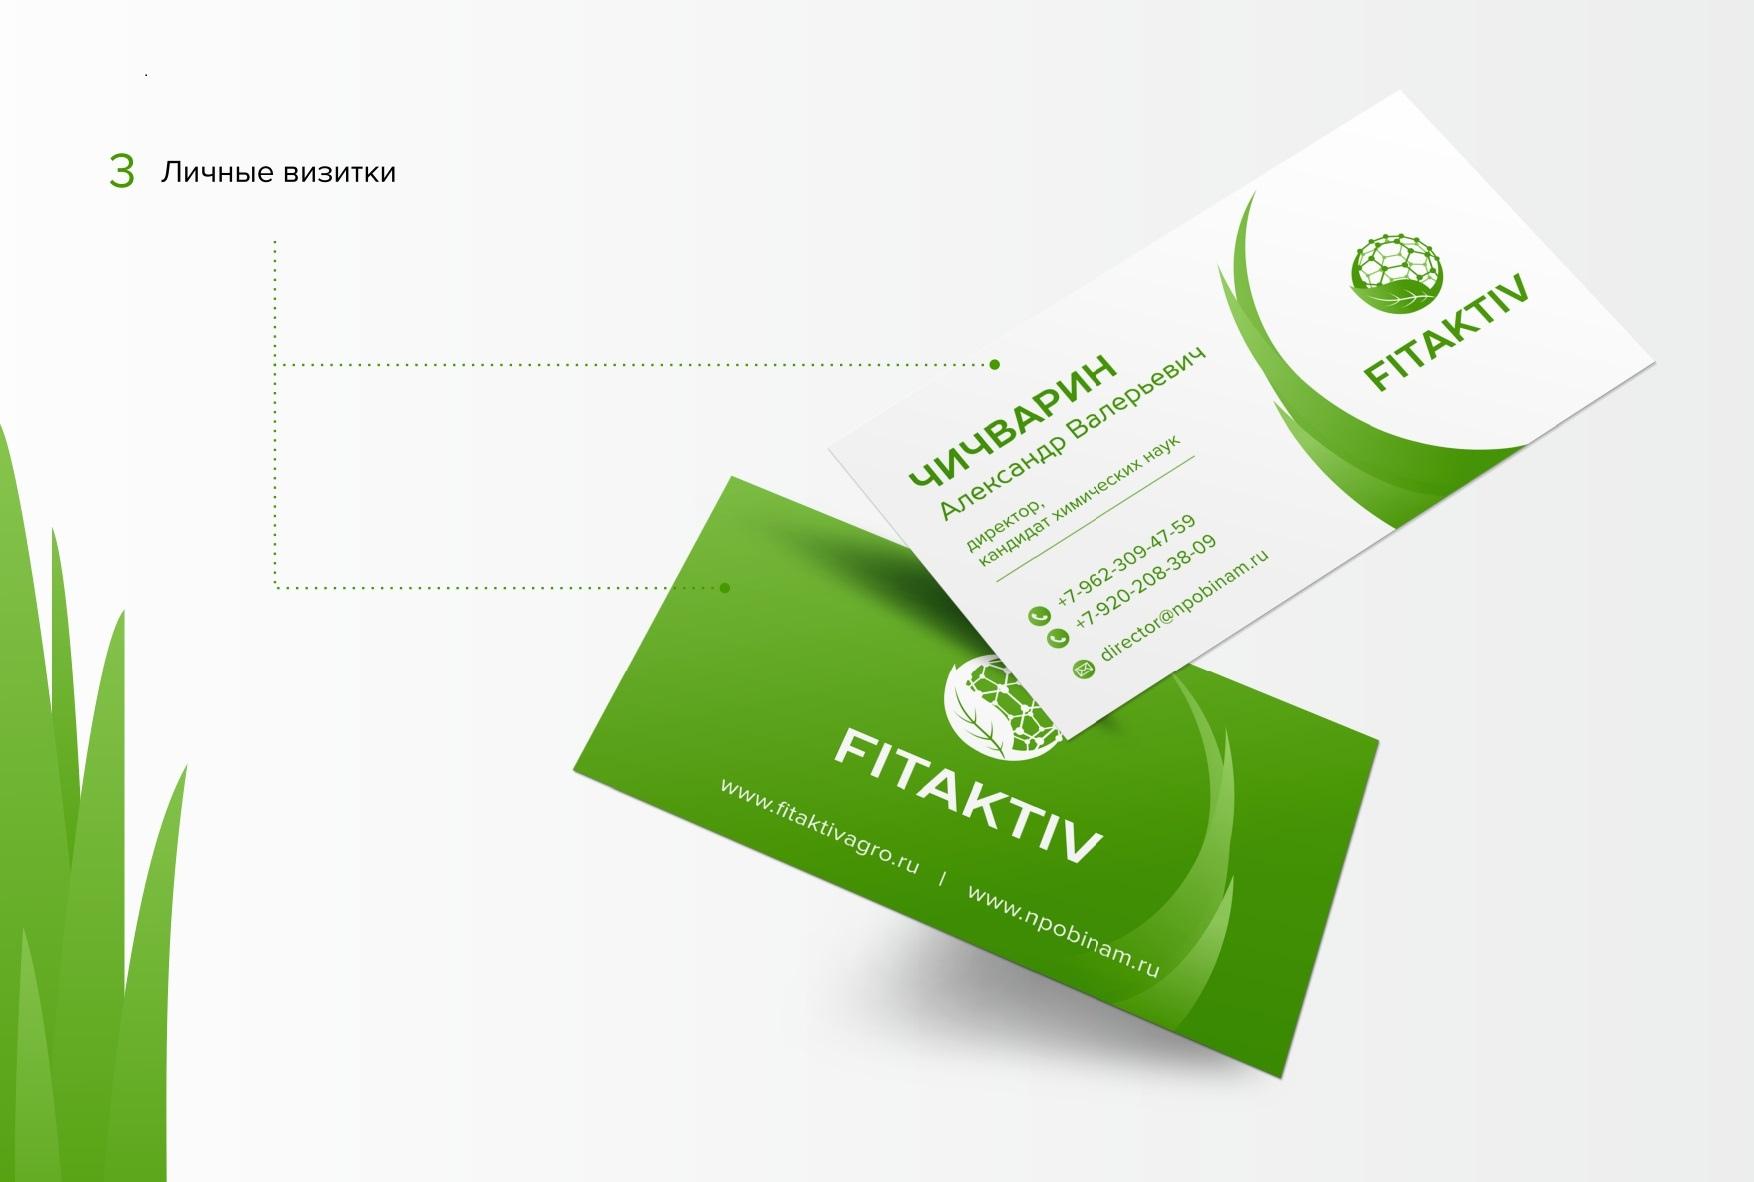 Разработка дизайна визиток для сотрудников FITAKTIV